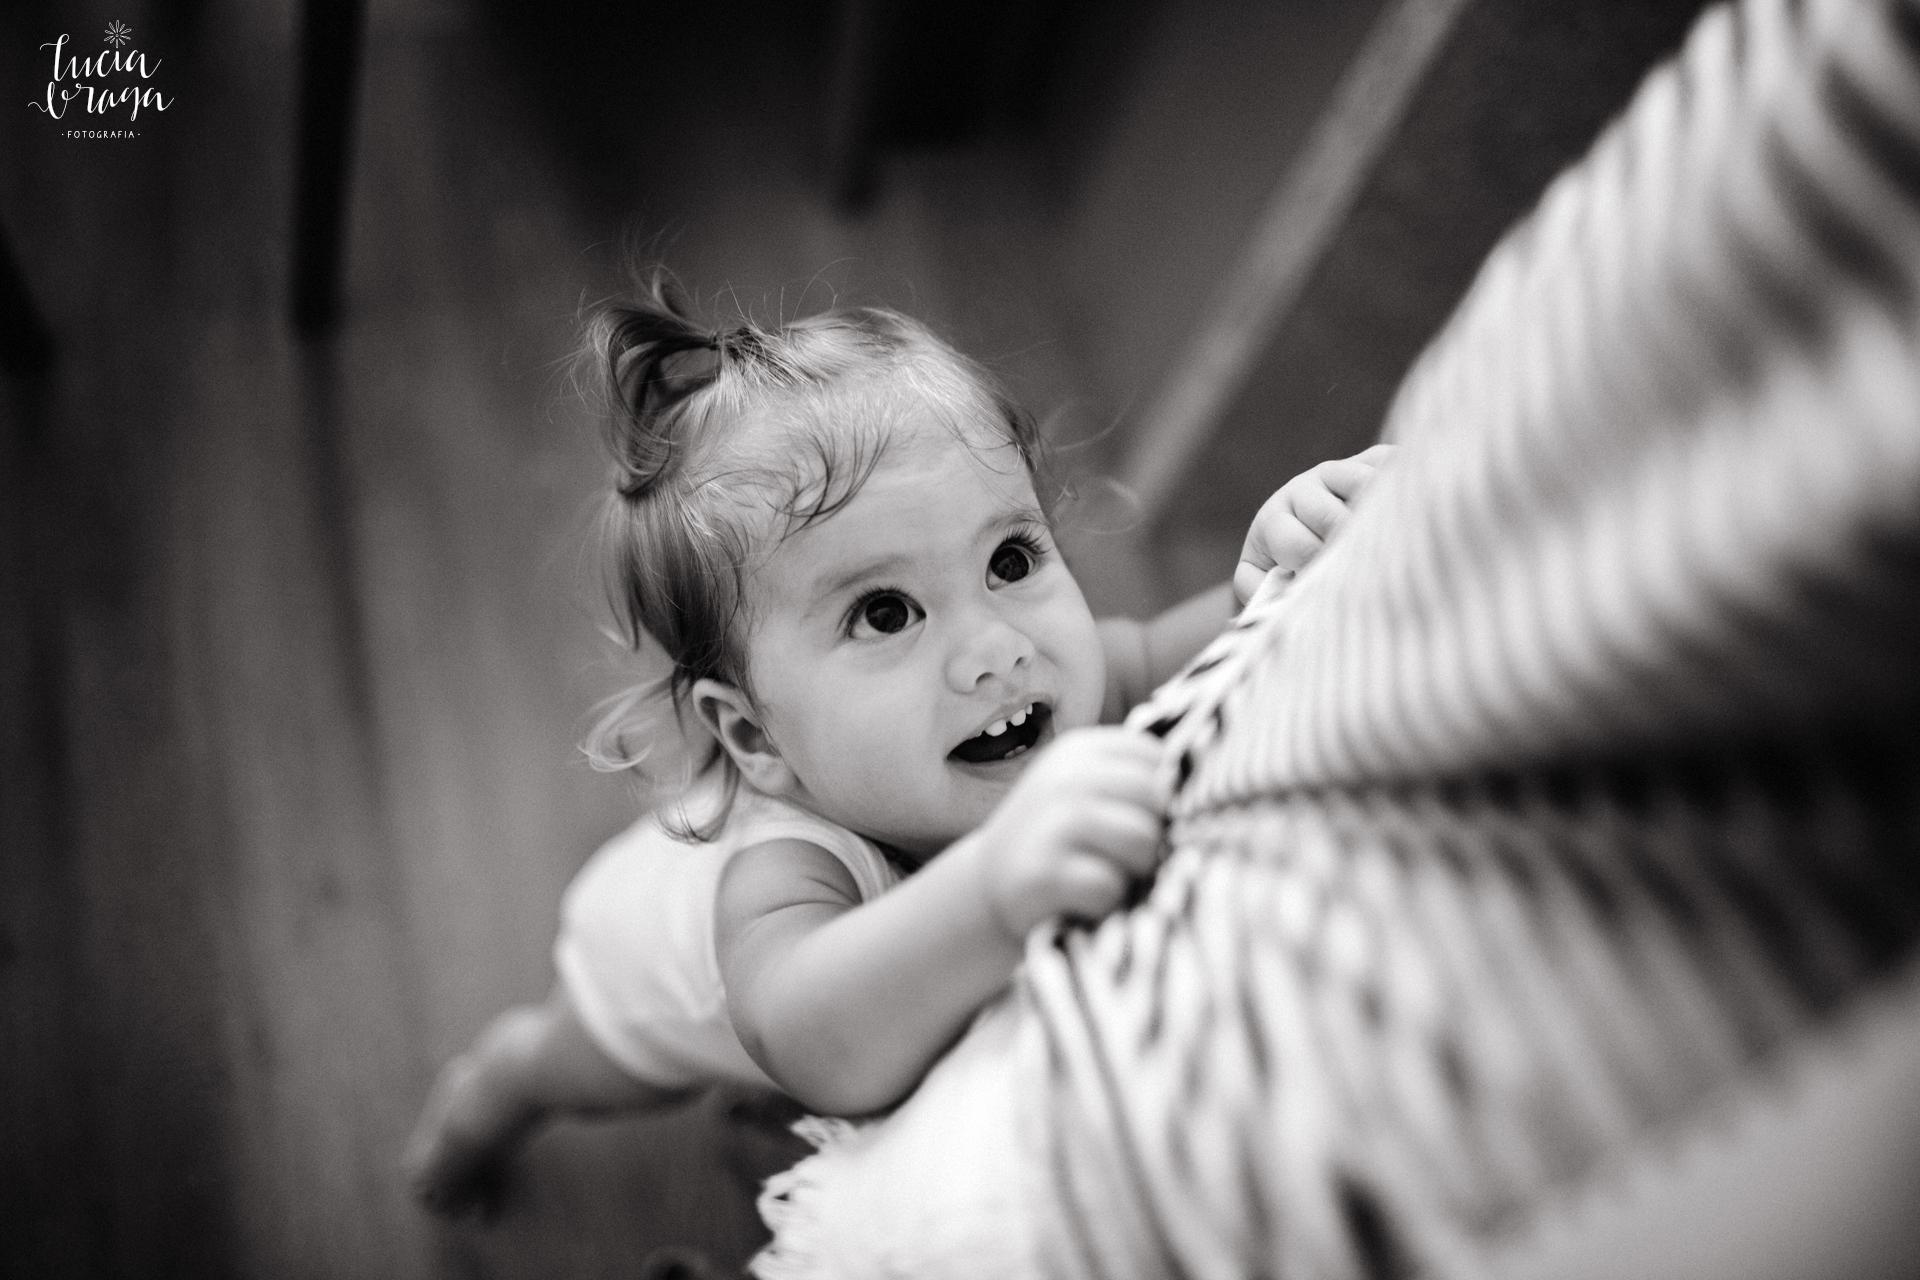 fotografia documental de familia, fotografia de familia, fotografo são paulo, mae e filho, mae e filha, sling, real life, fotografo rio de janeiro, fotografia infantil, ensaio de familia